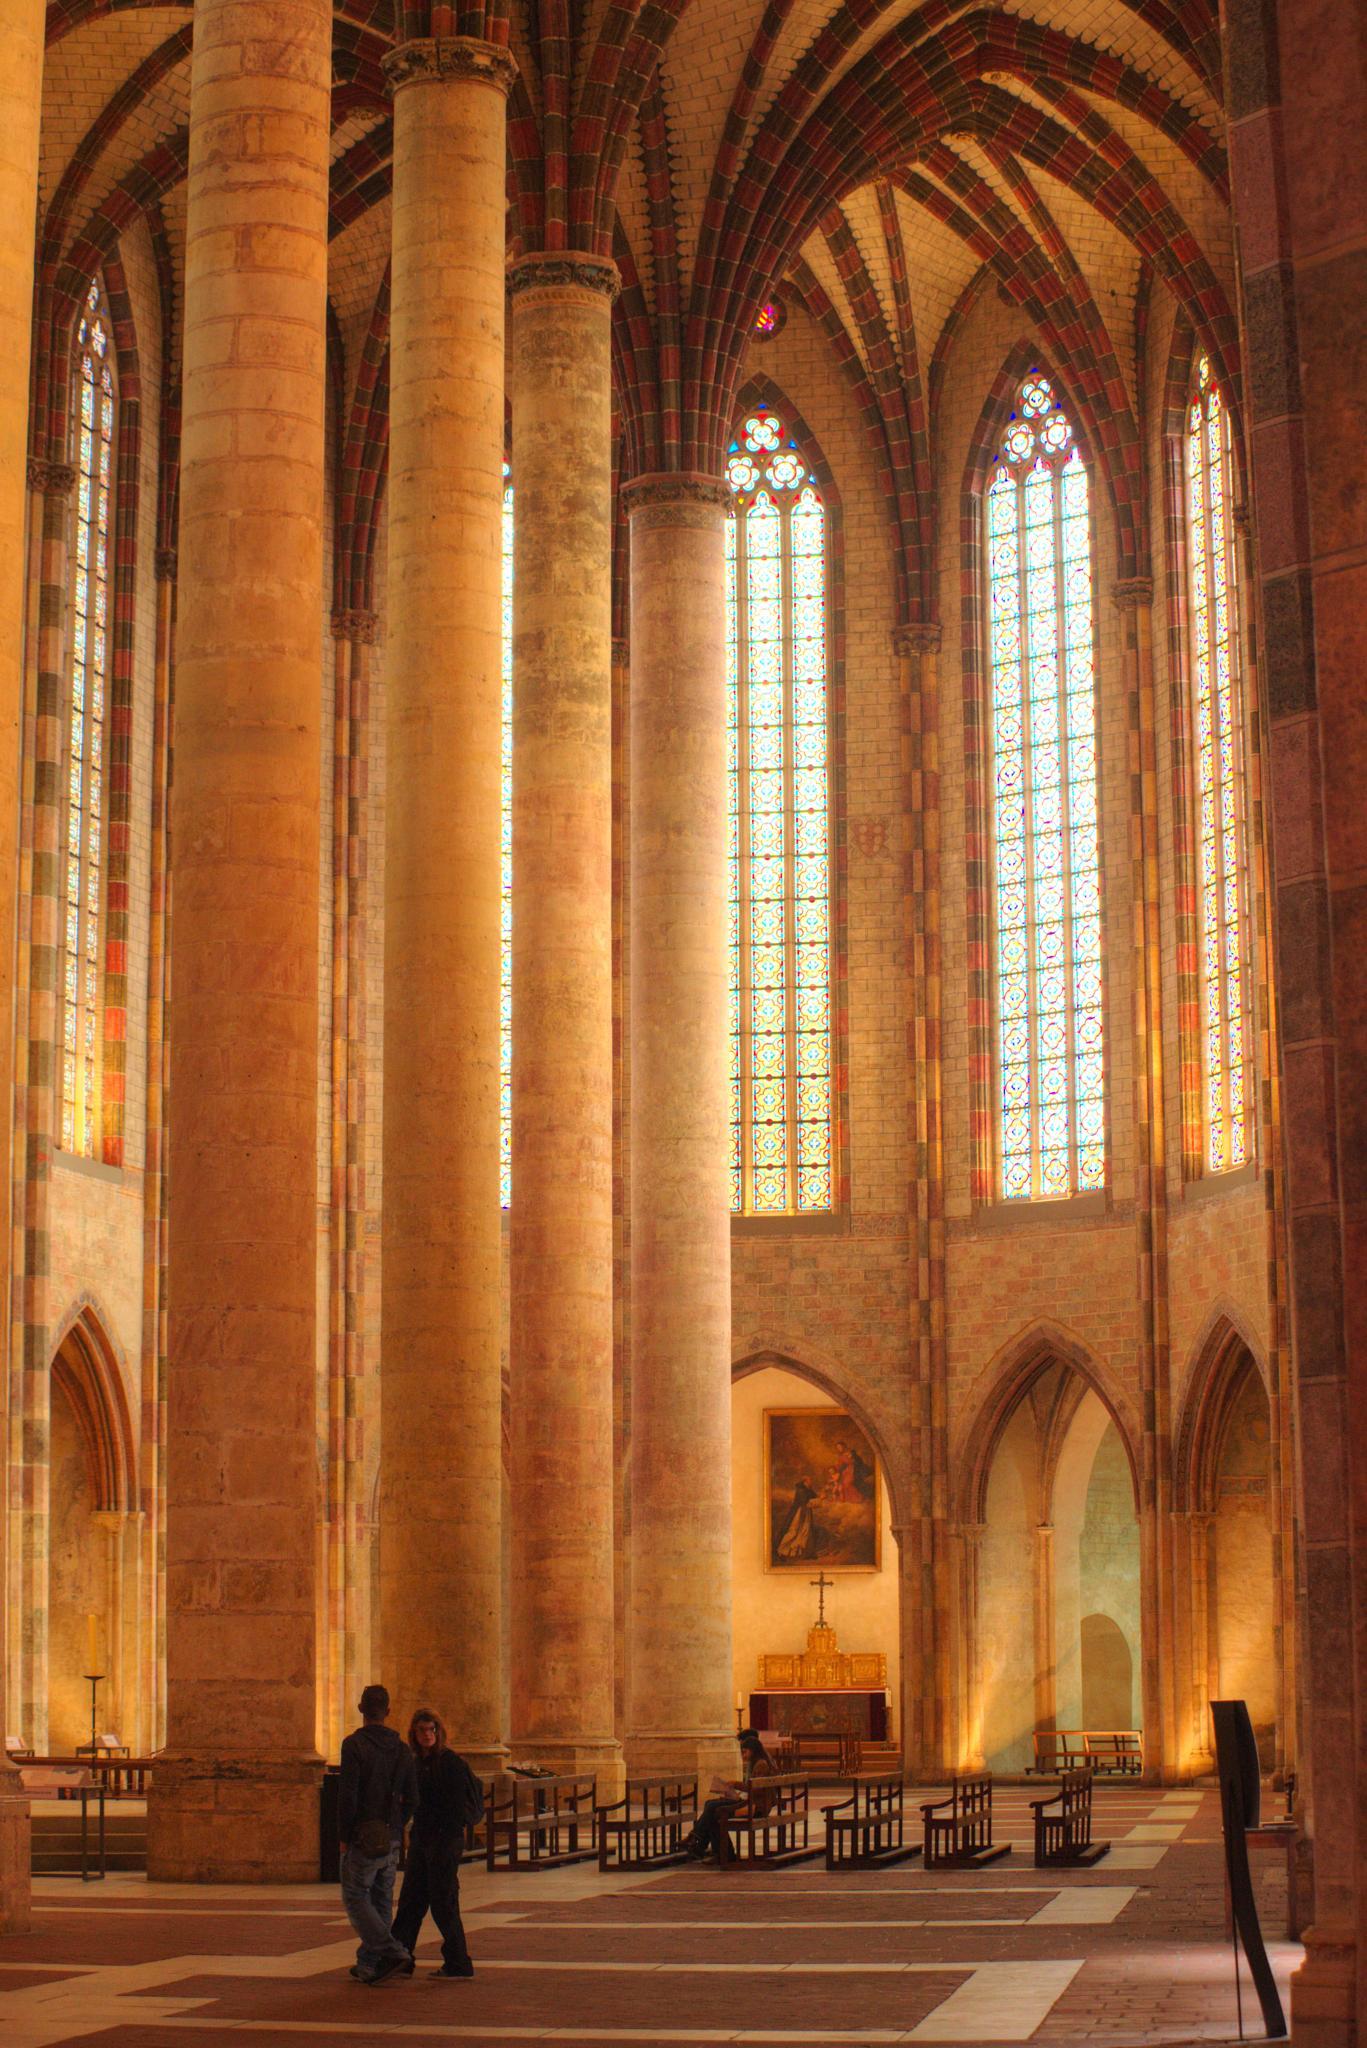 Suite église des jacobins, Toulouse by bernardf142